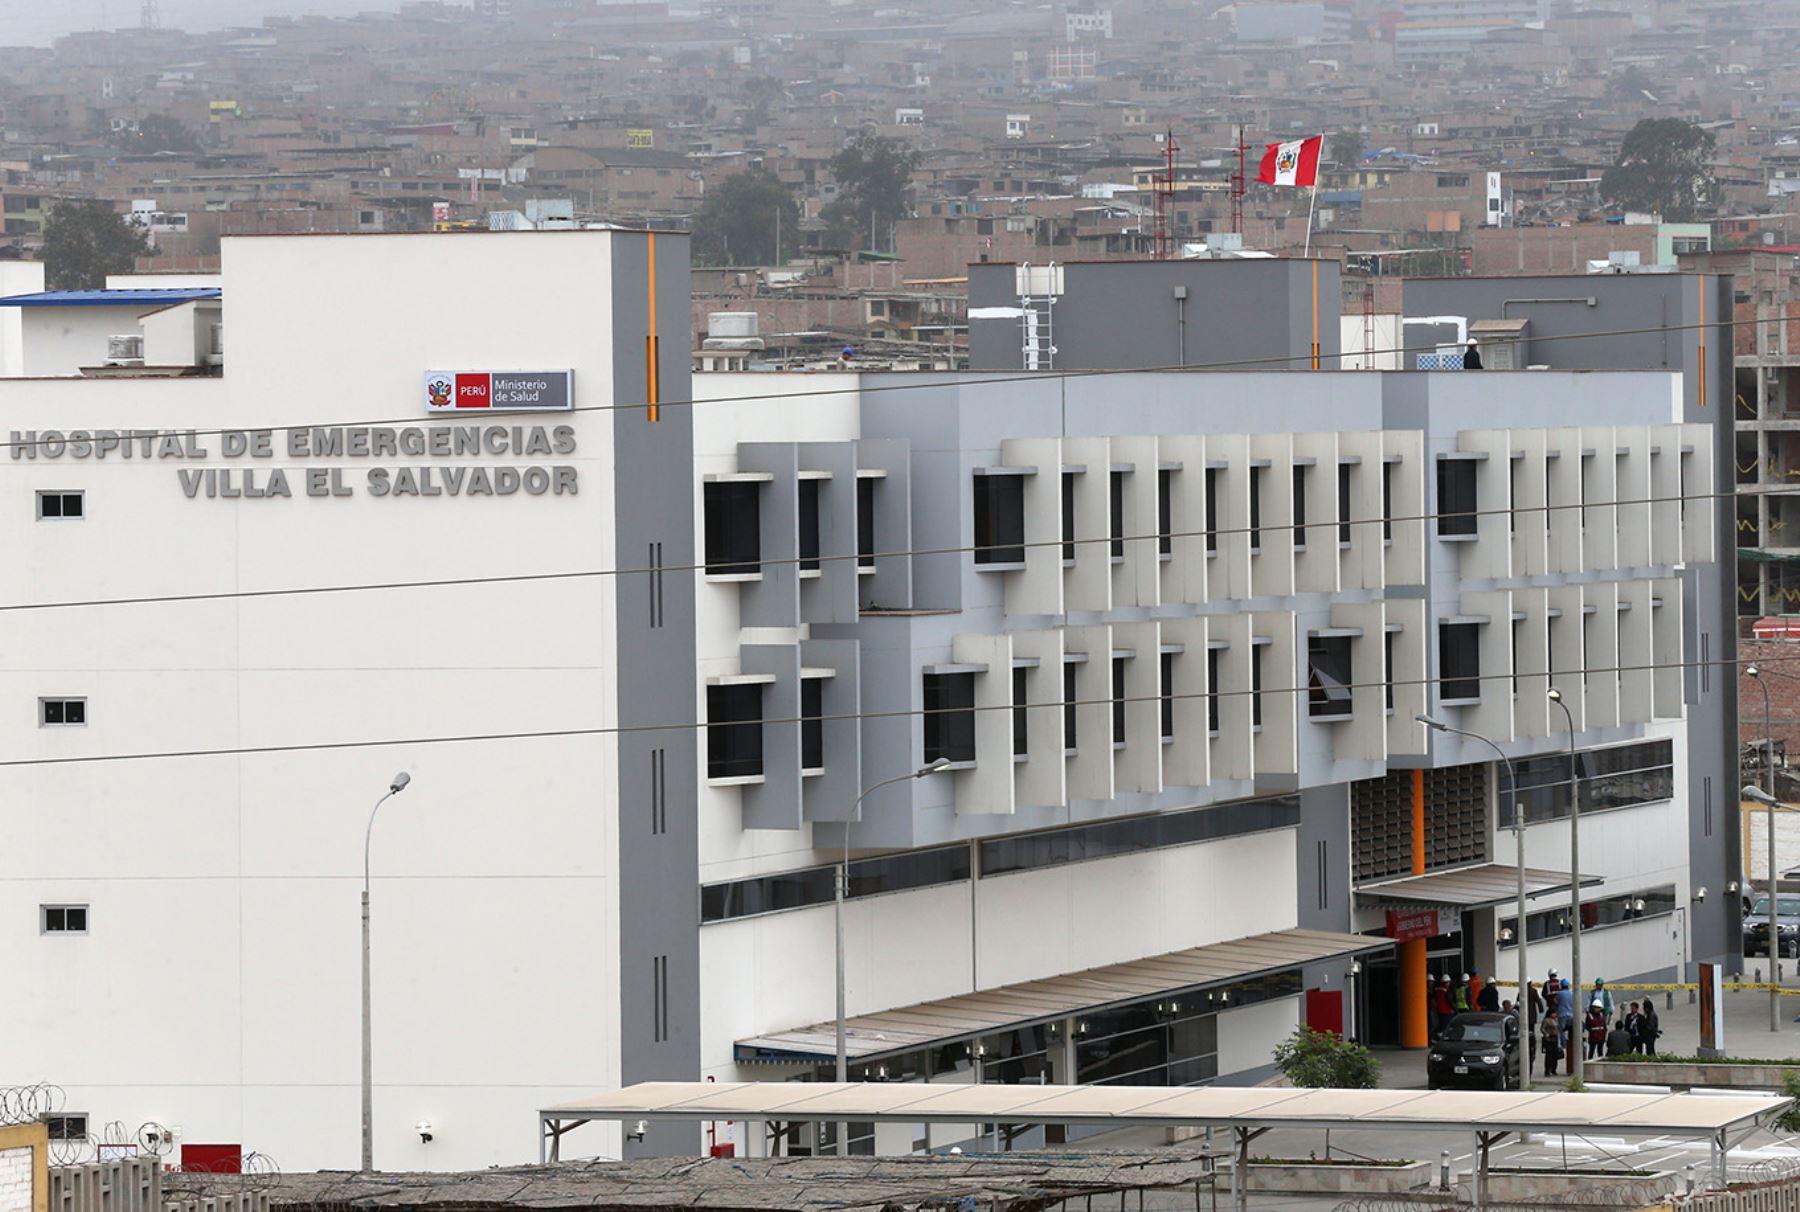 Nuevo Hospital de Emergencias de Villa El Salvador .  ANDINA/Norman Córdova